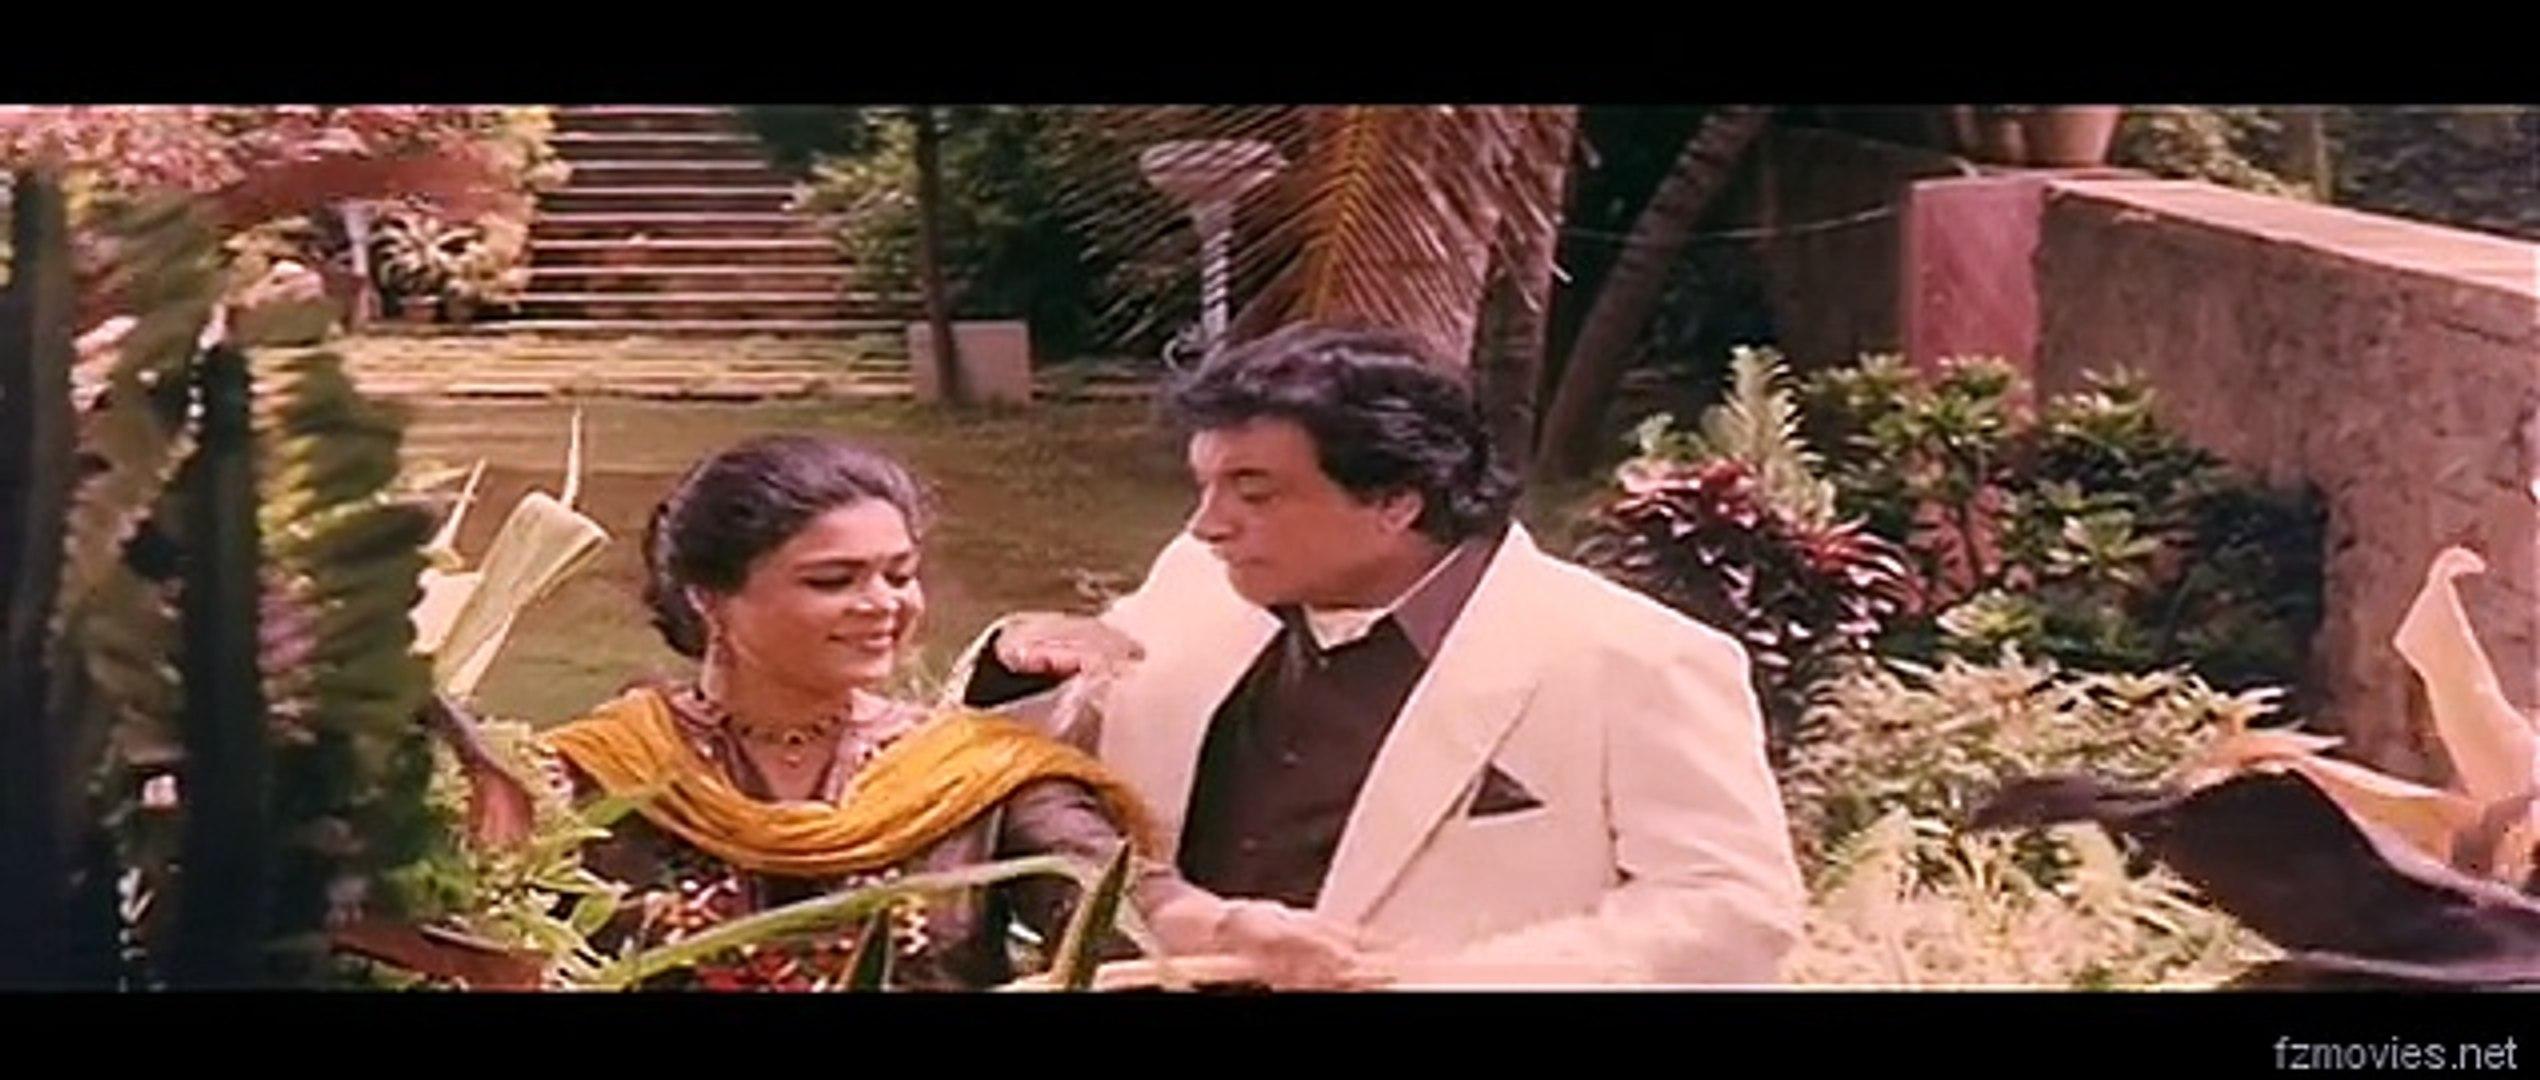 download songs of hindi movie saajan